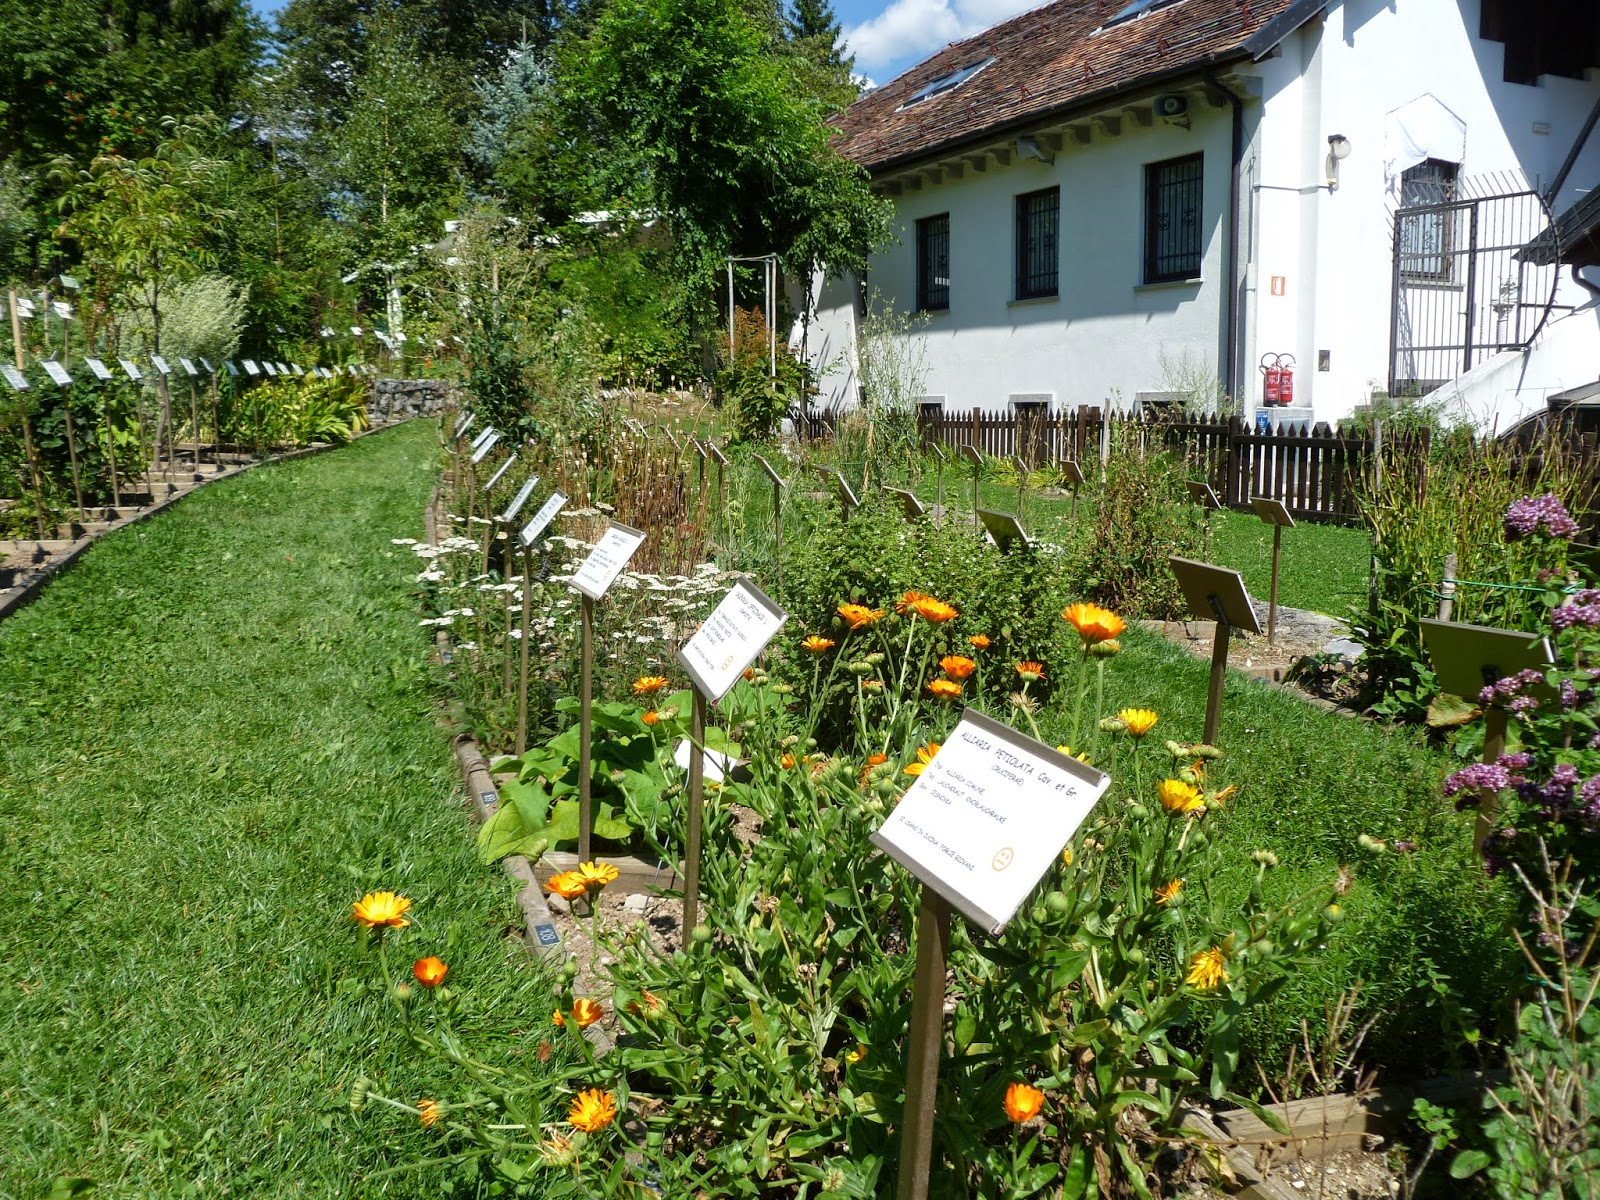 Giardini botanici alpini e dei semplici giardino dei for M innamorai giardino dei semplici accordi